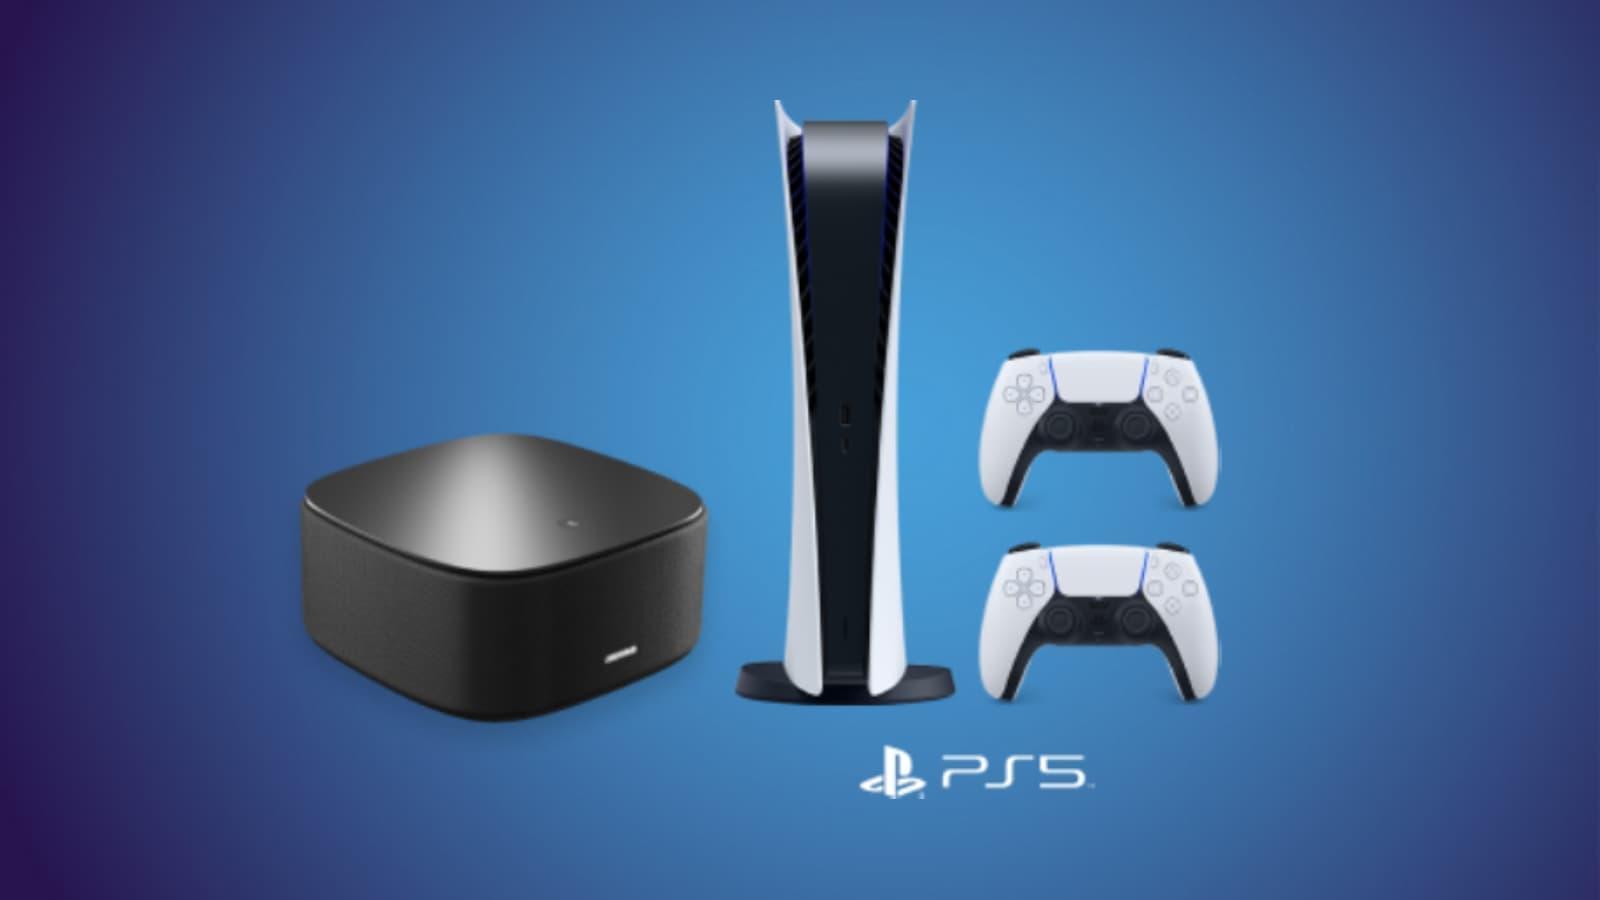 Offre Box + PS5 chez SFR : recevoir l'alerte disponibilité